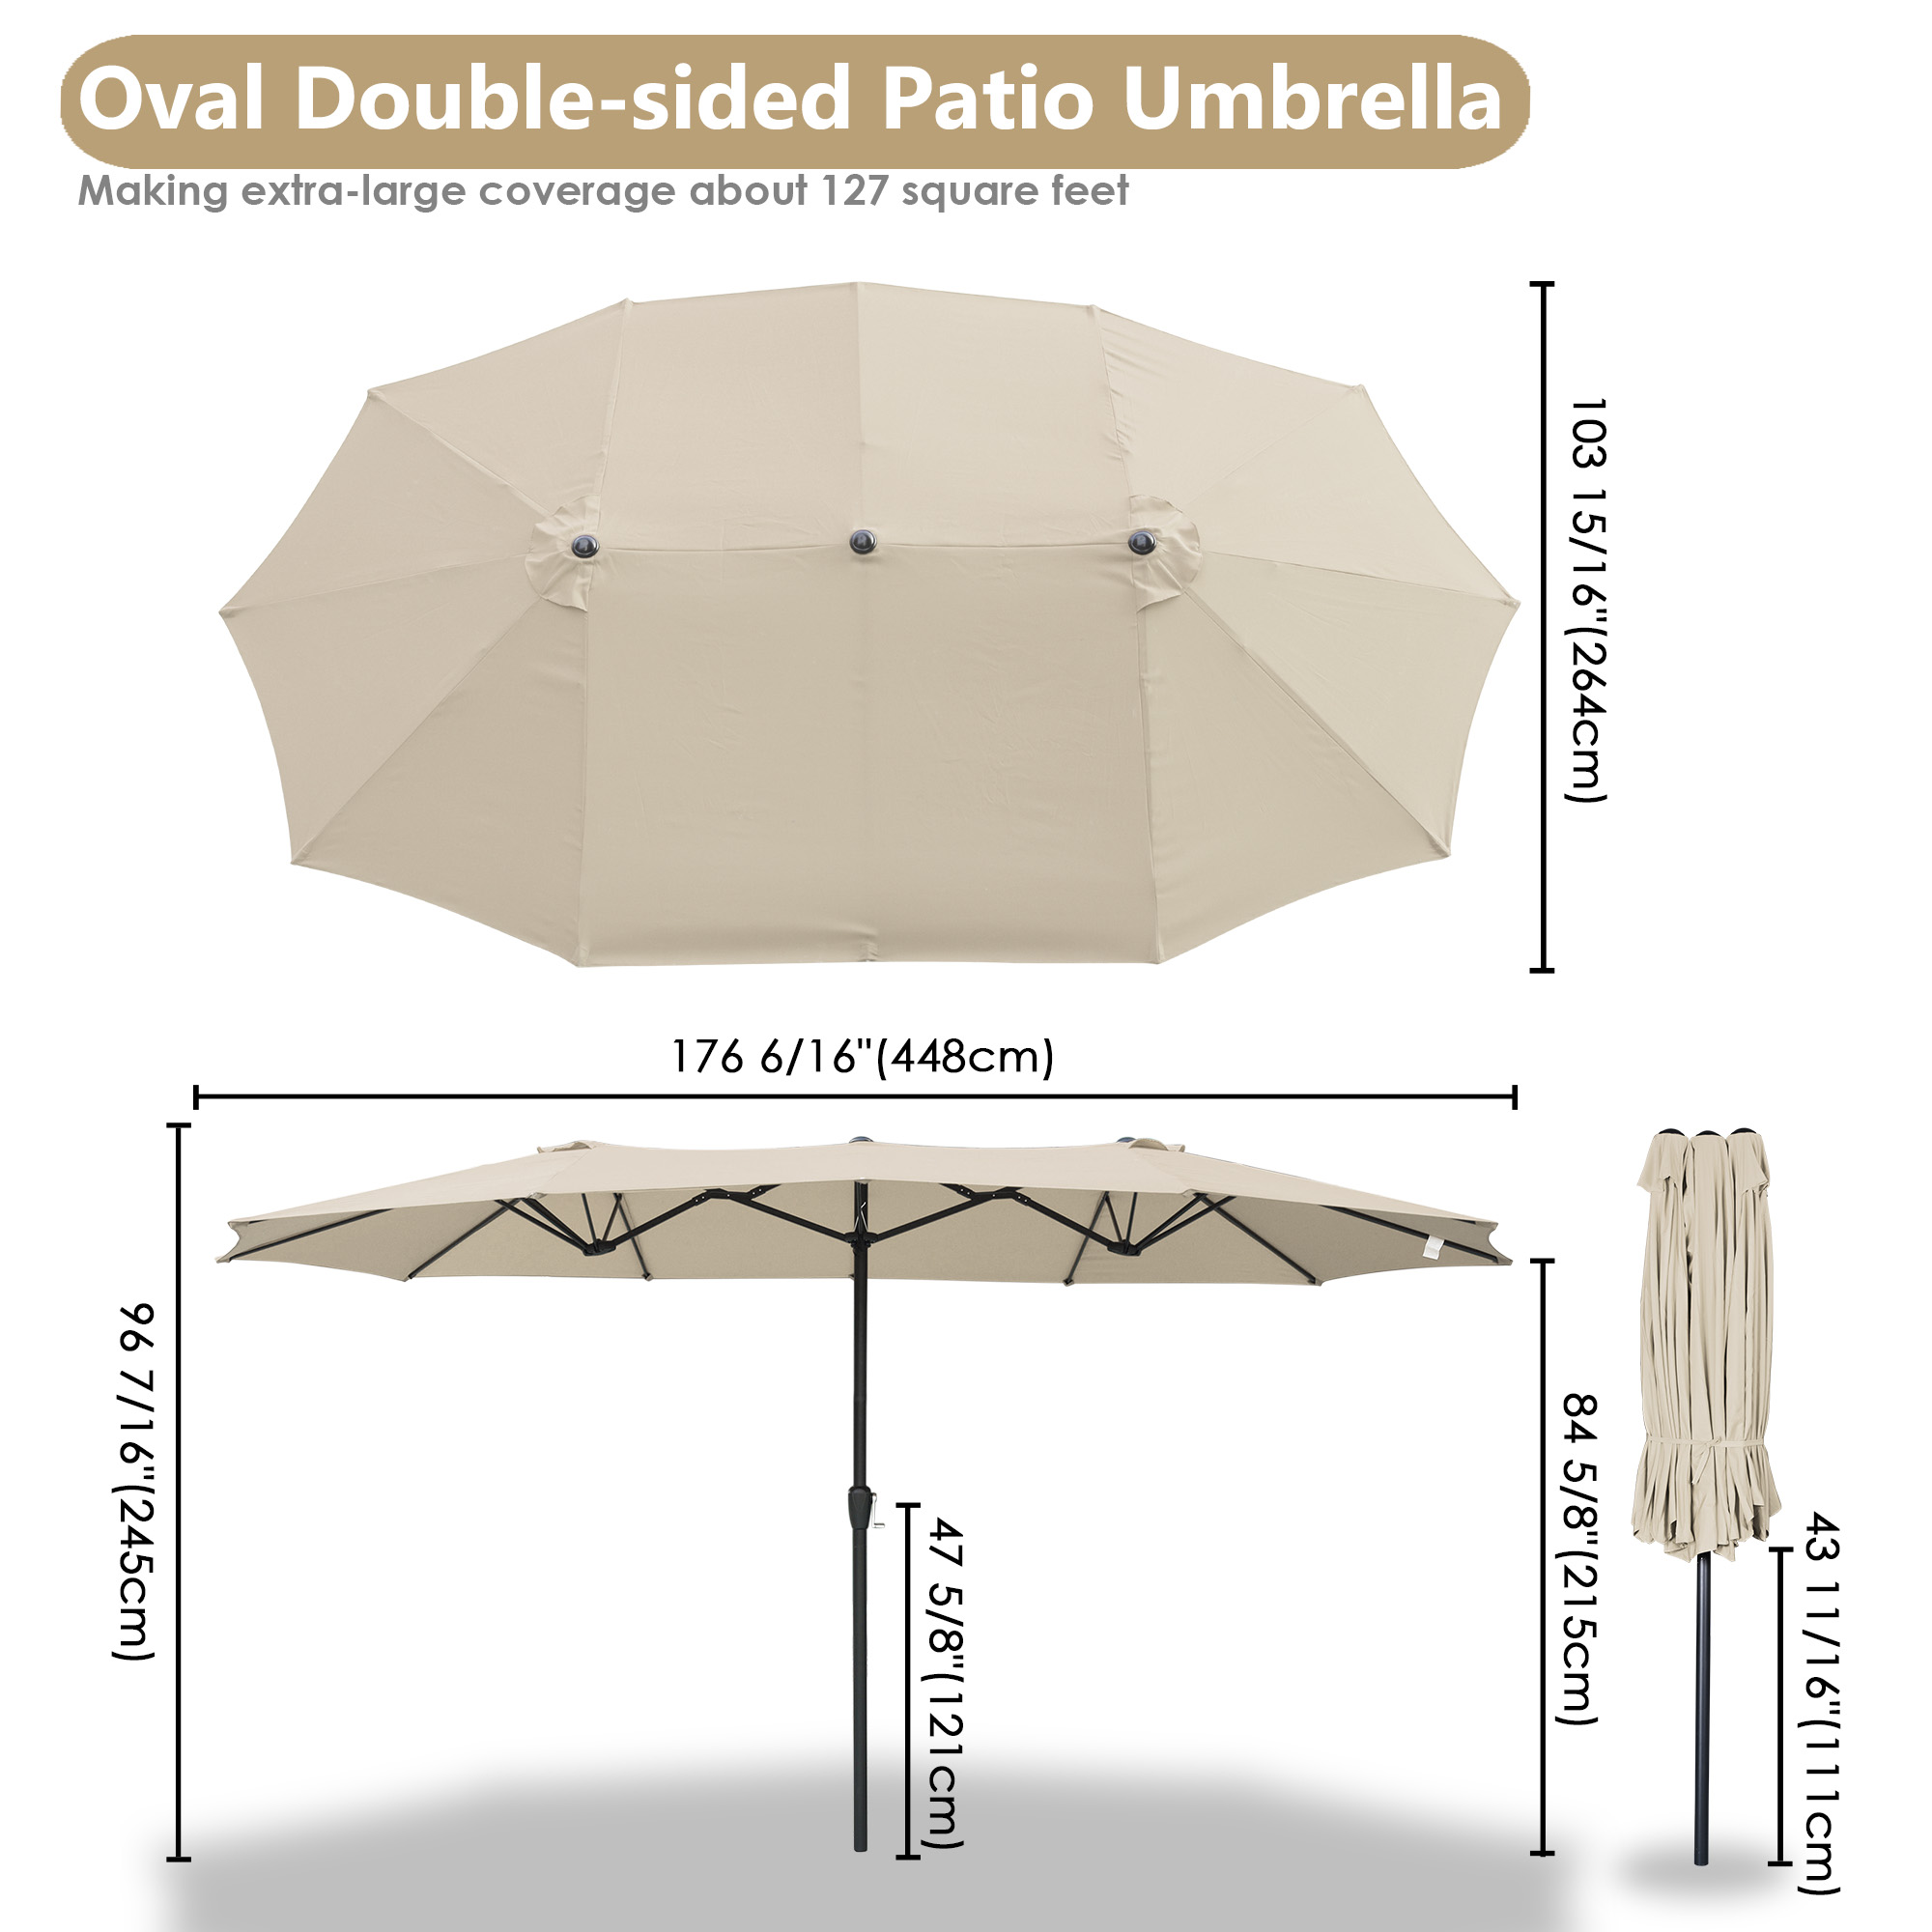 thumbnail 51 - 15ft Patio Twin Umbrella Double-sided Market Crank Outdoor Garden Parasol Shade